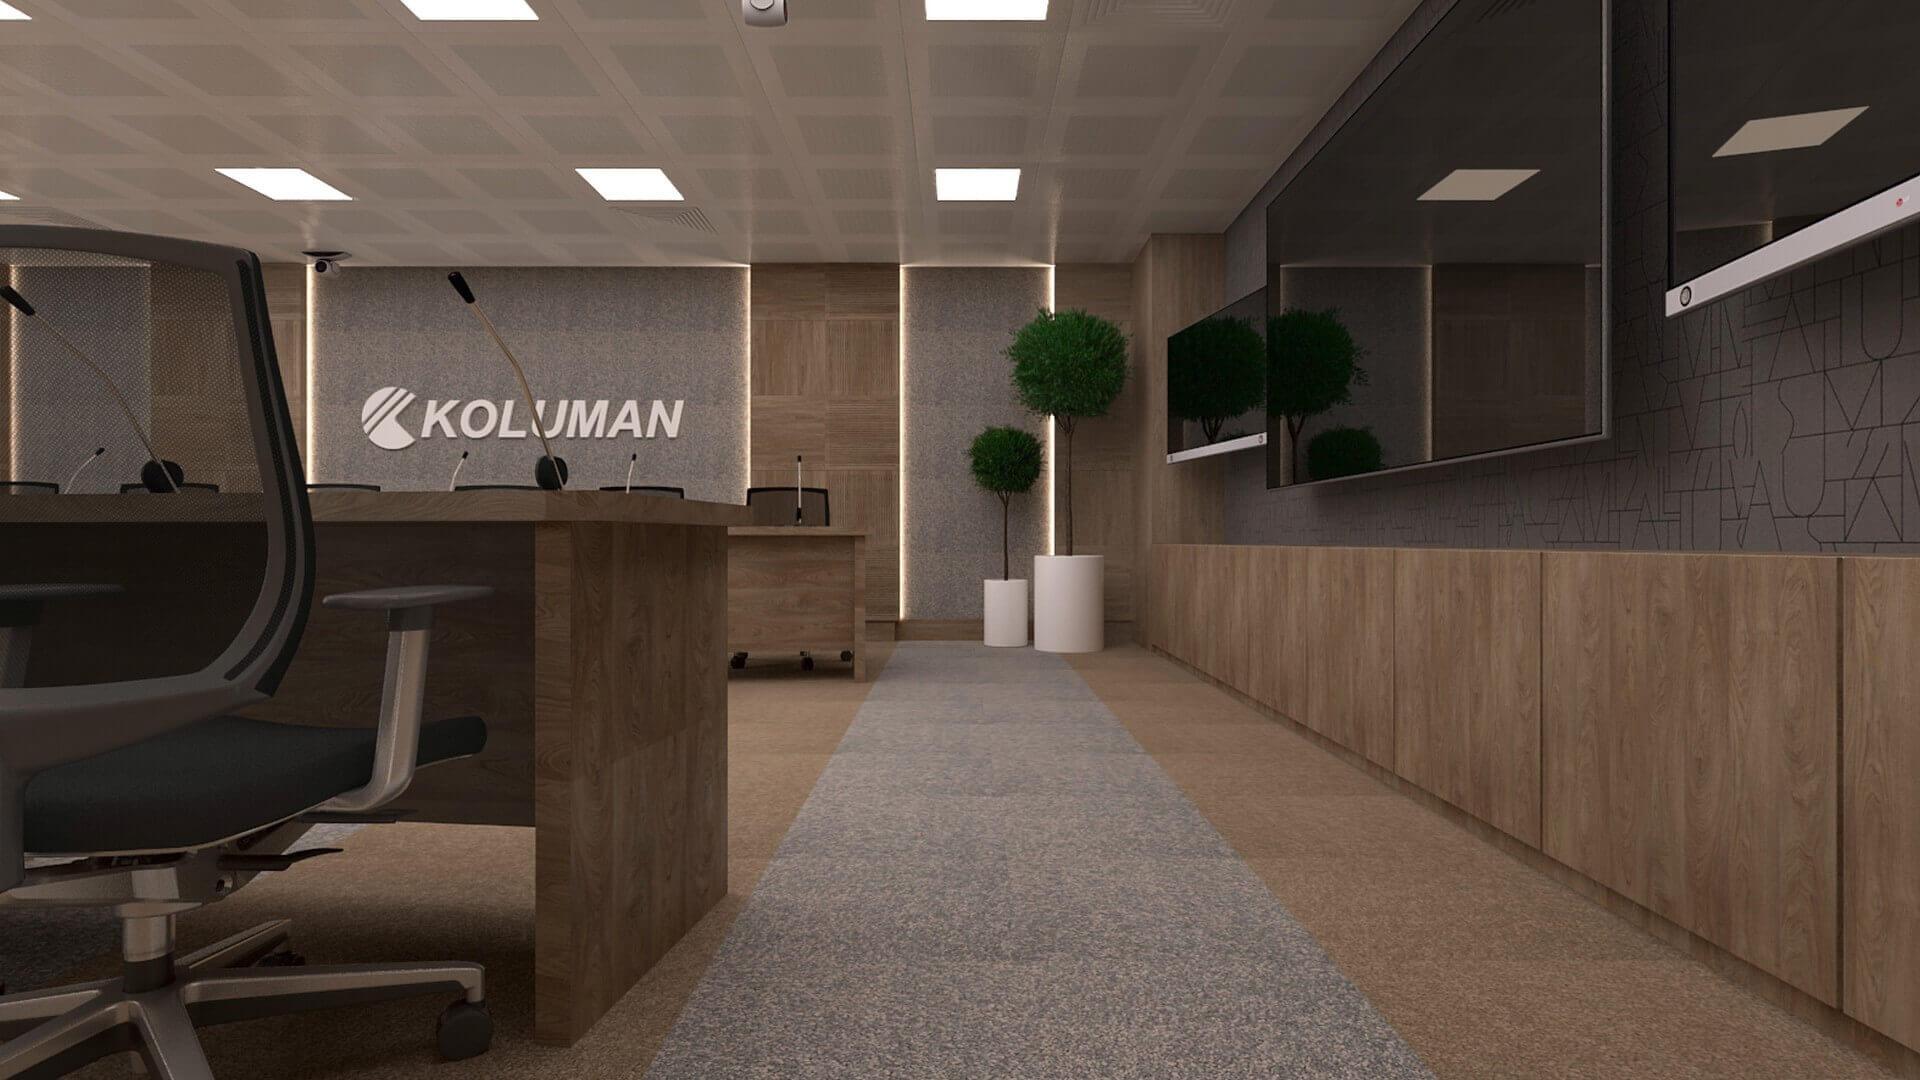 2618 Koluman Ankara Offices